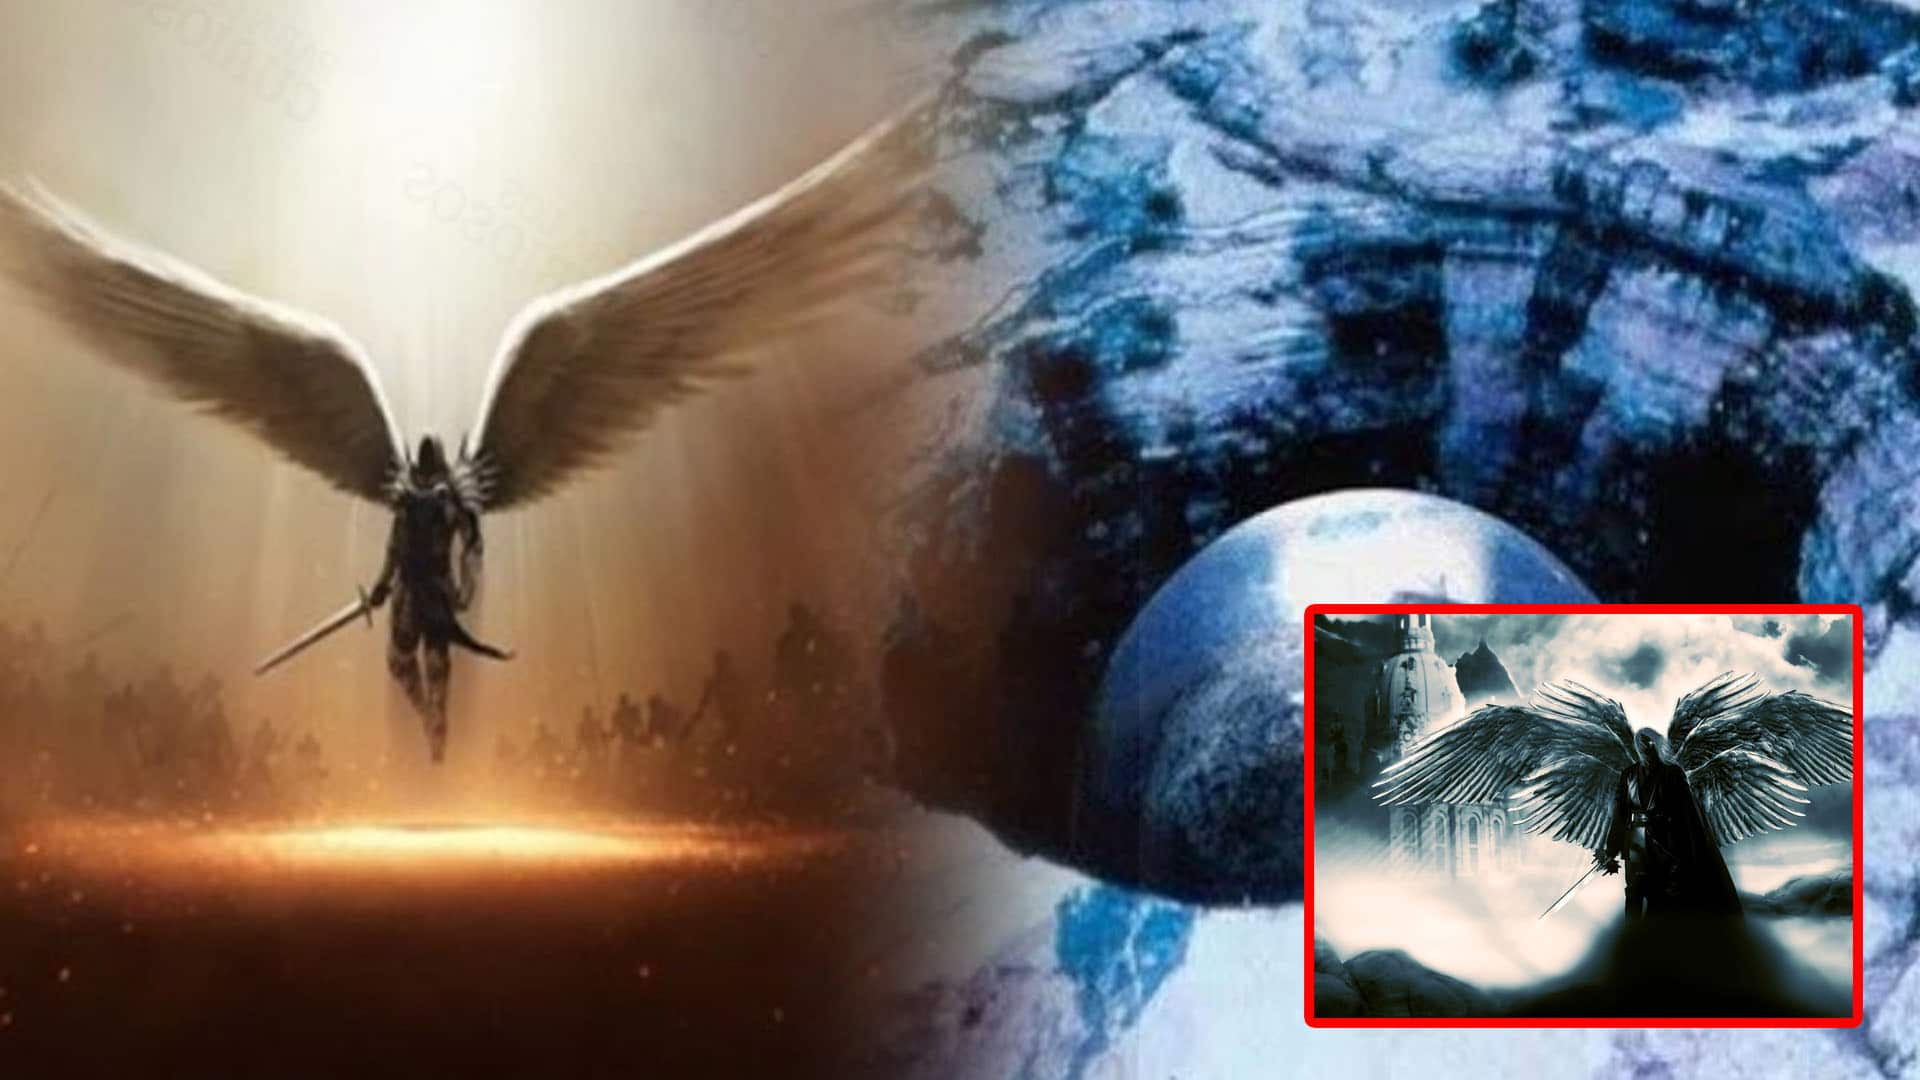 El misterioso caso de los ángeles caídos – ¿Mito o realidad?